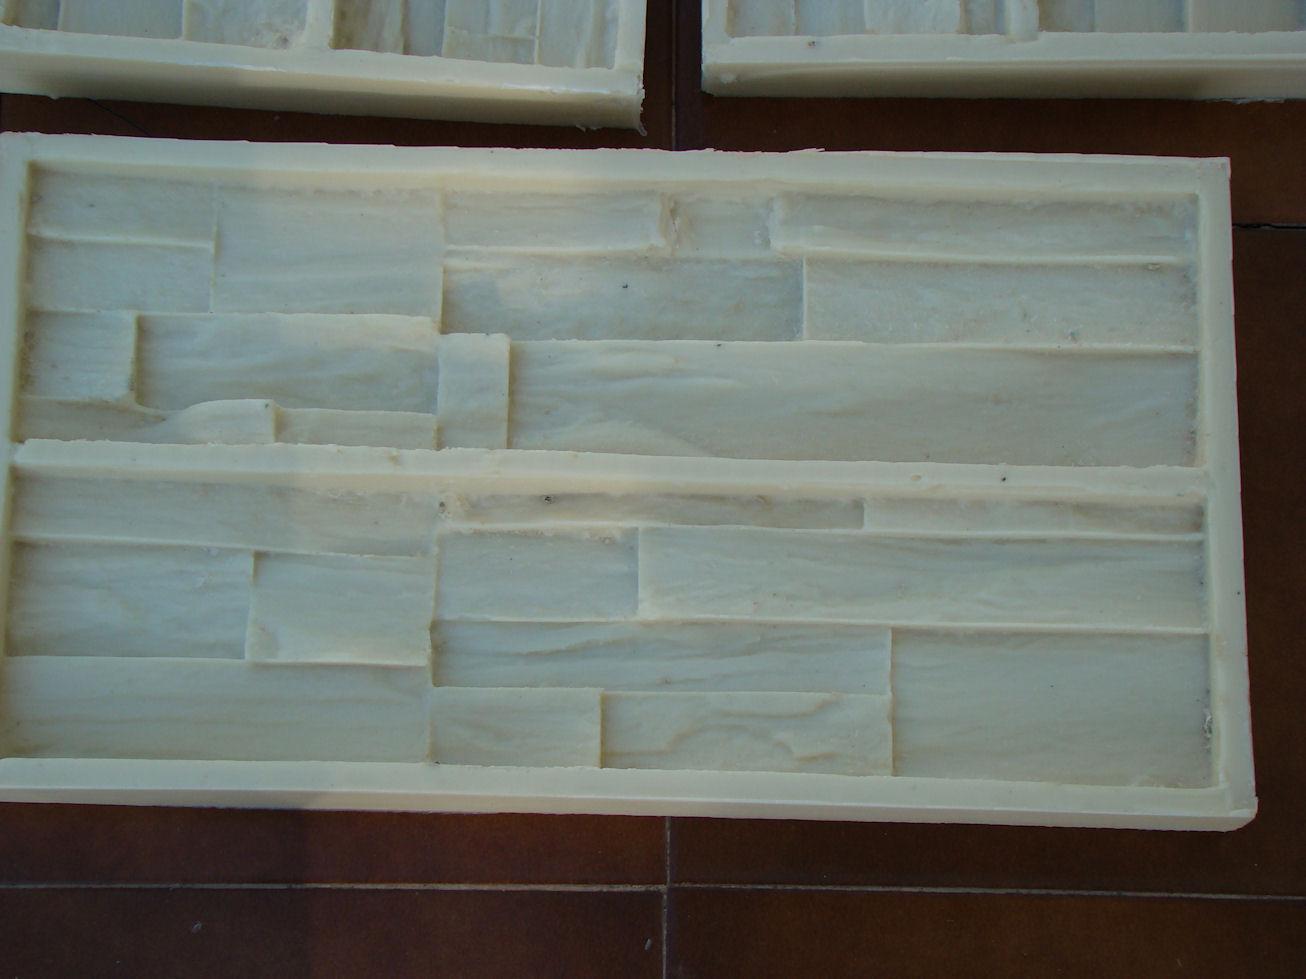 Estilo Piedra moldes para piedra artificial - Stone Mold | Wix.com